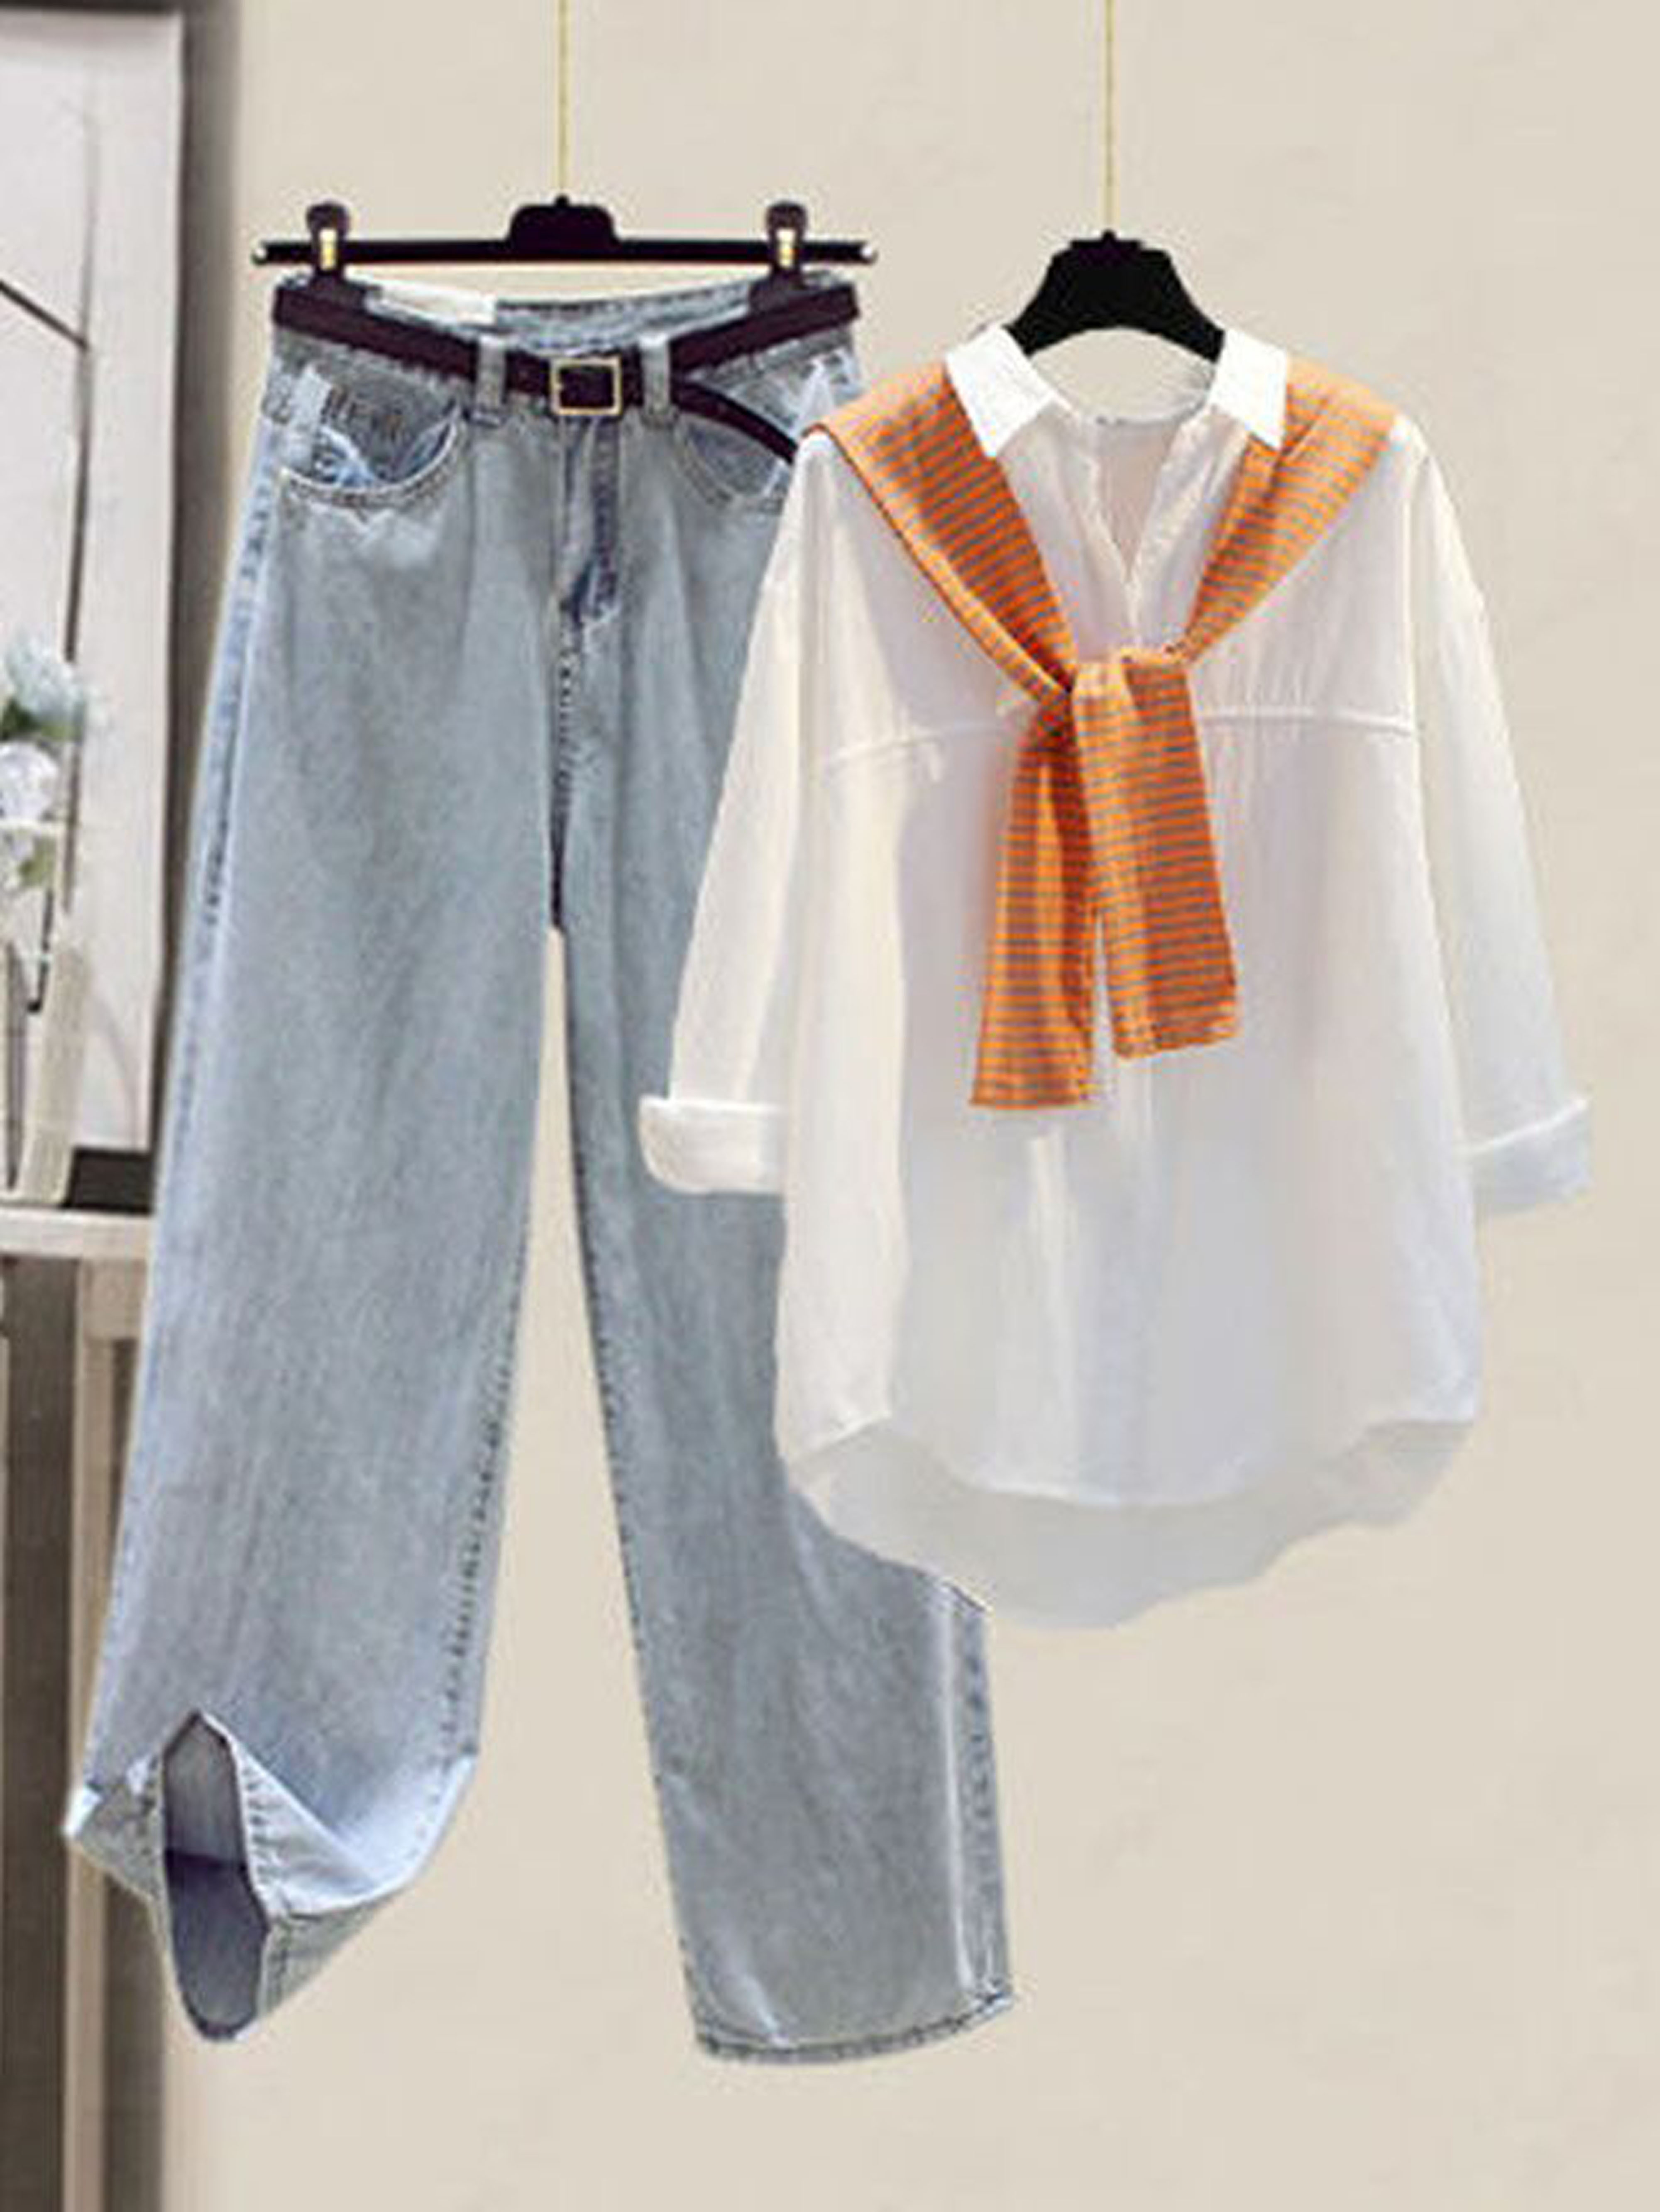 早秋新款宽松假两件糖果色衬衫+高腰显瘦直筒牛仔裤时尚两件套装